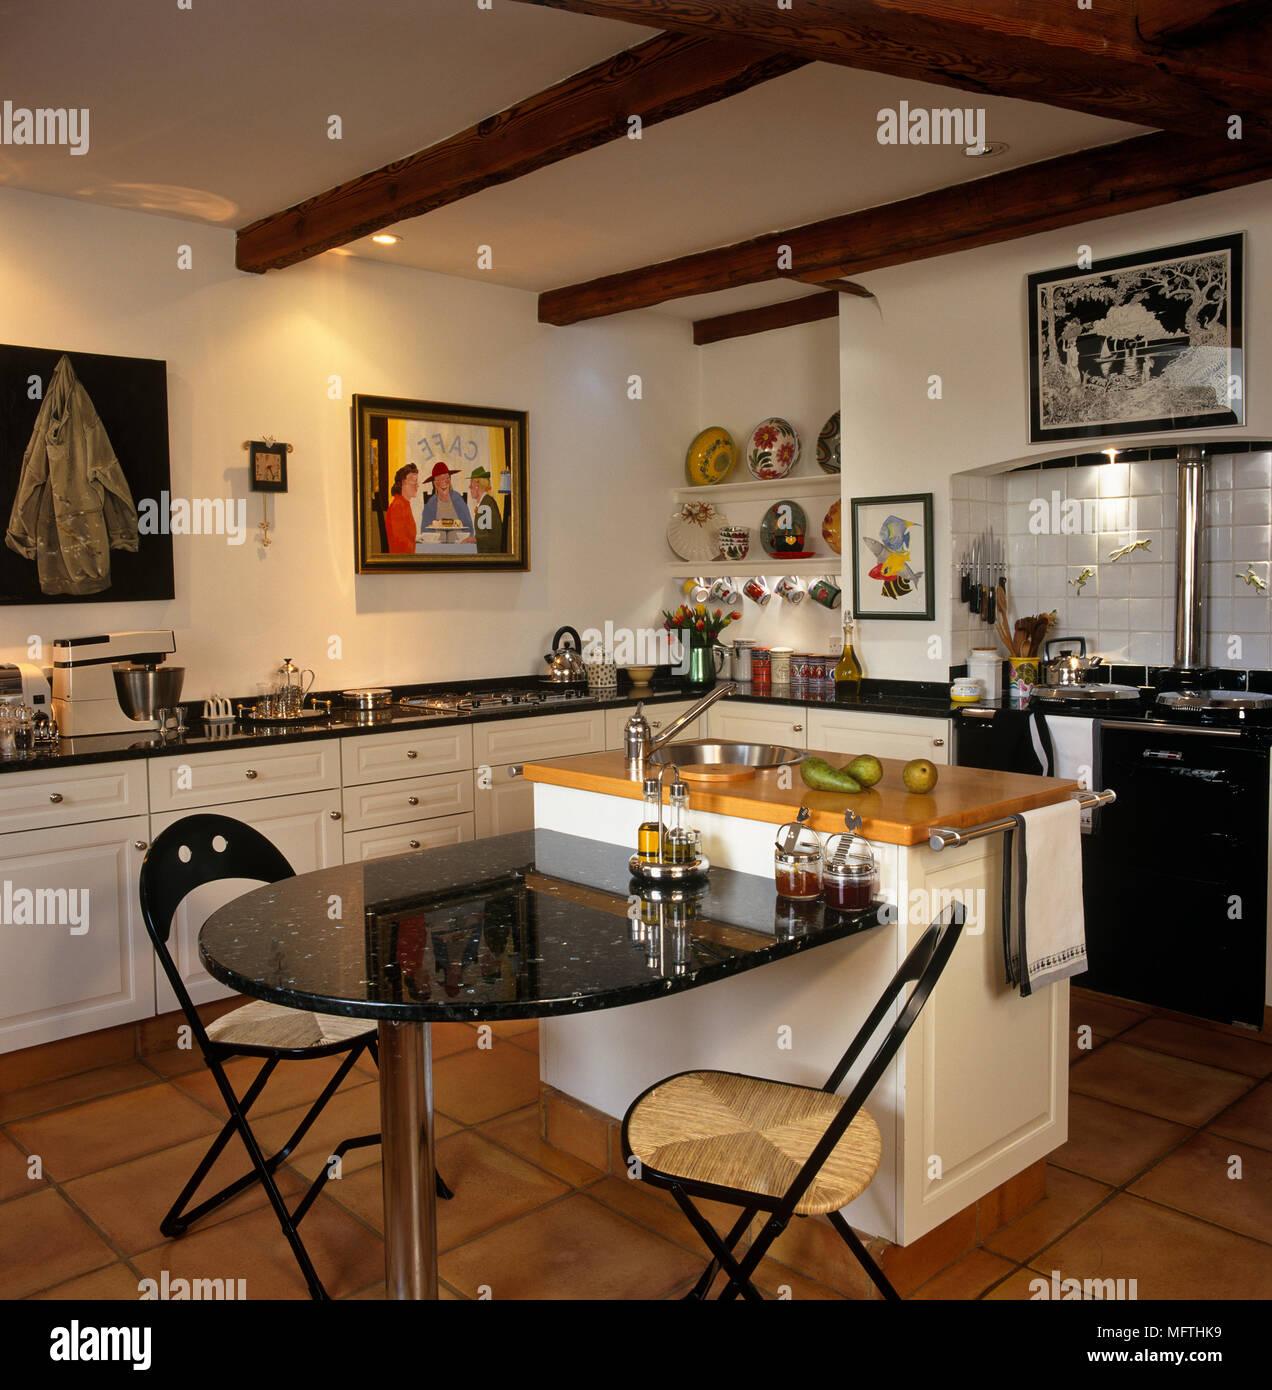 Fantastisch Küchentür Hersteller Manchester Fotos - Küchenschrank ...